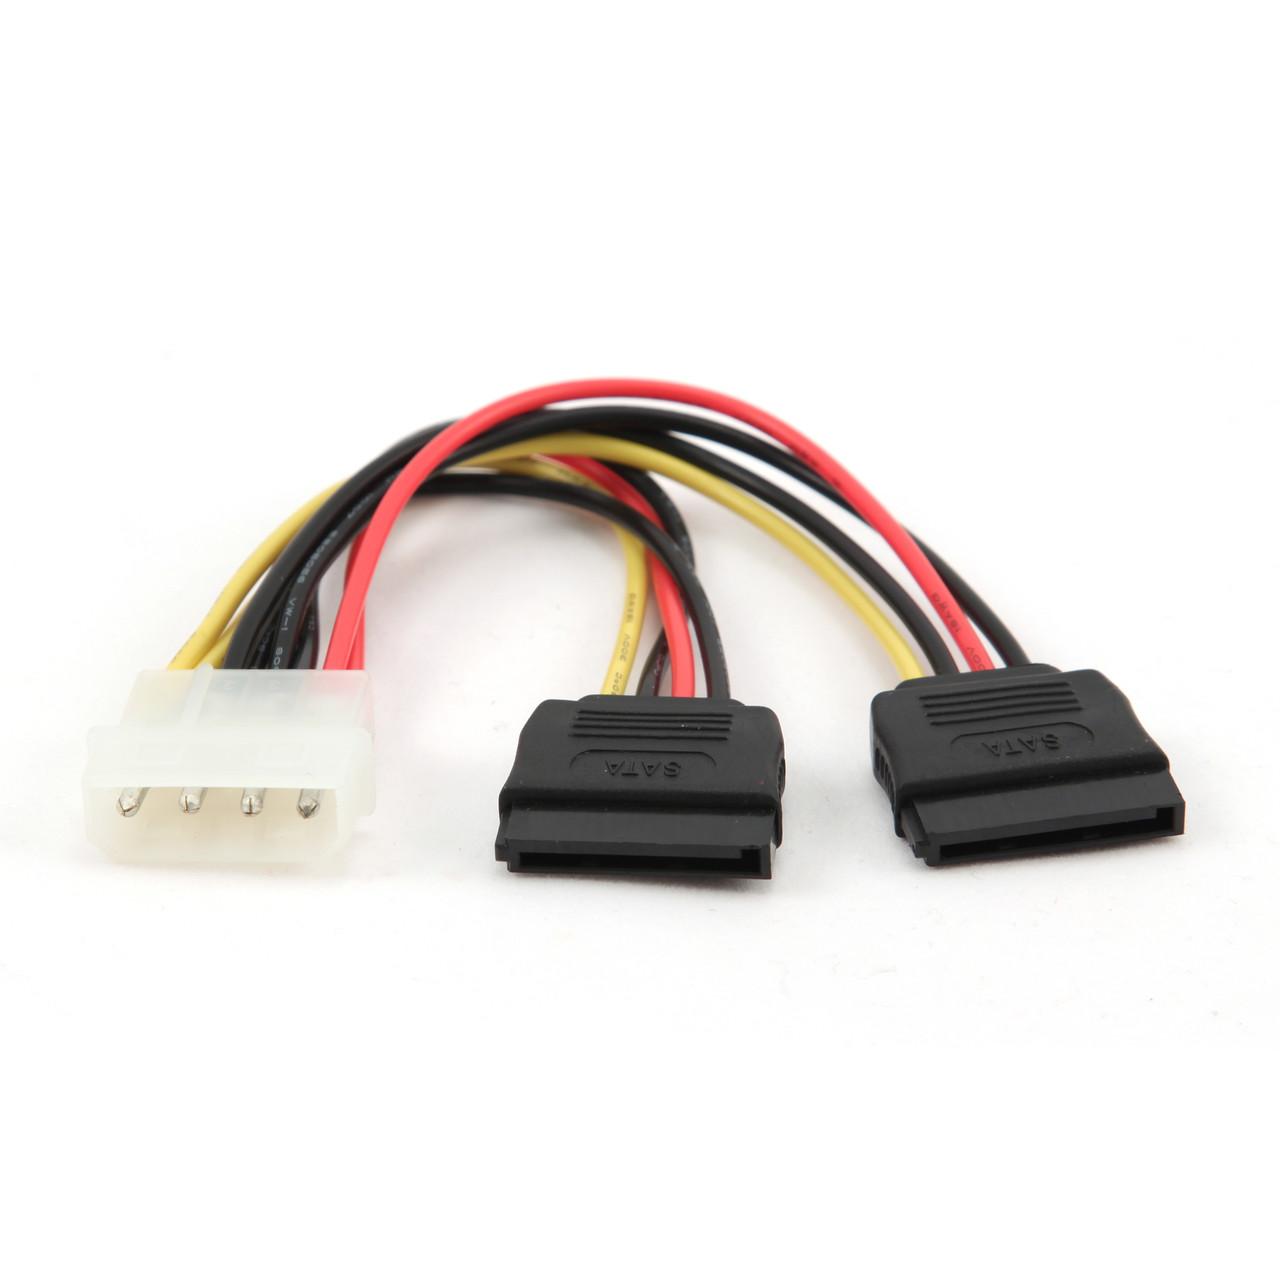 Кабель Gembird CC-SATA-PSY, двойной кабель питания SATA, 15 см